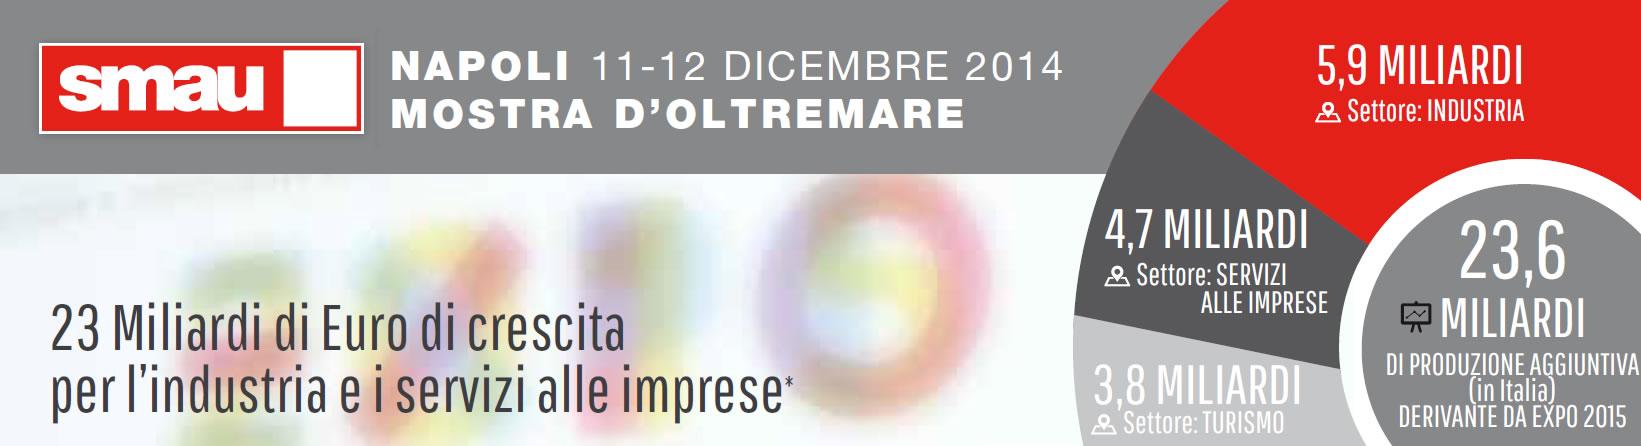 SMAU – Napoli 11-12 dicembre 2014